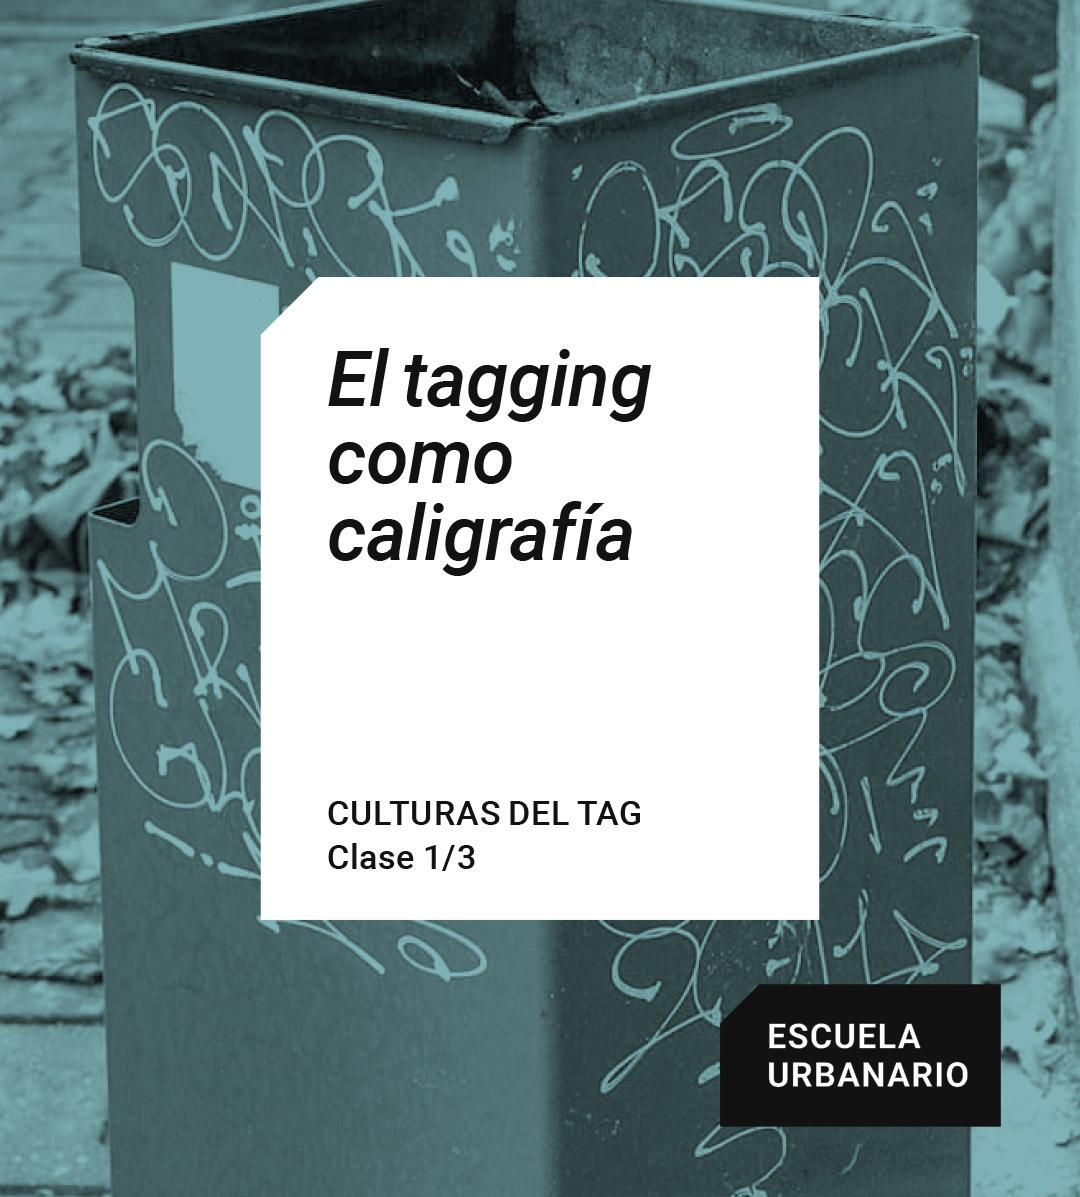 El tagging como caligrafía - Escuela Urbanario